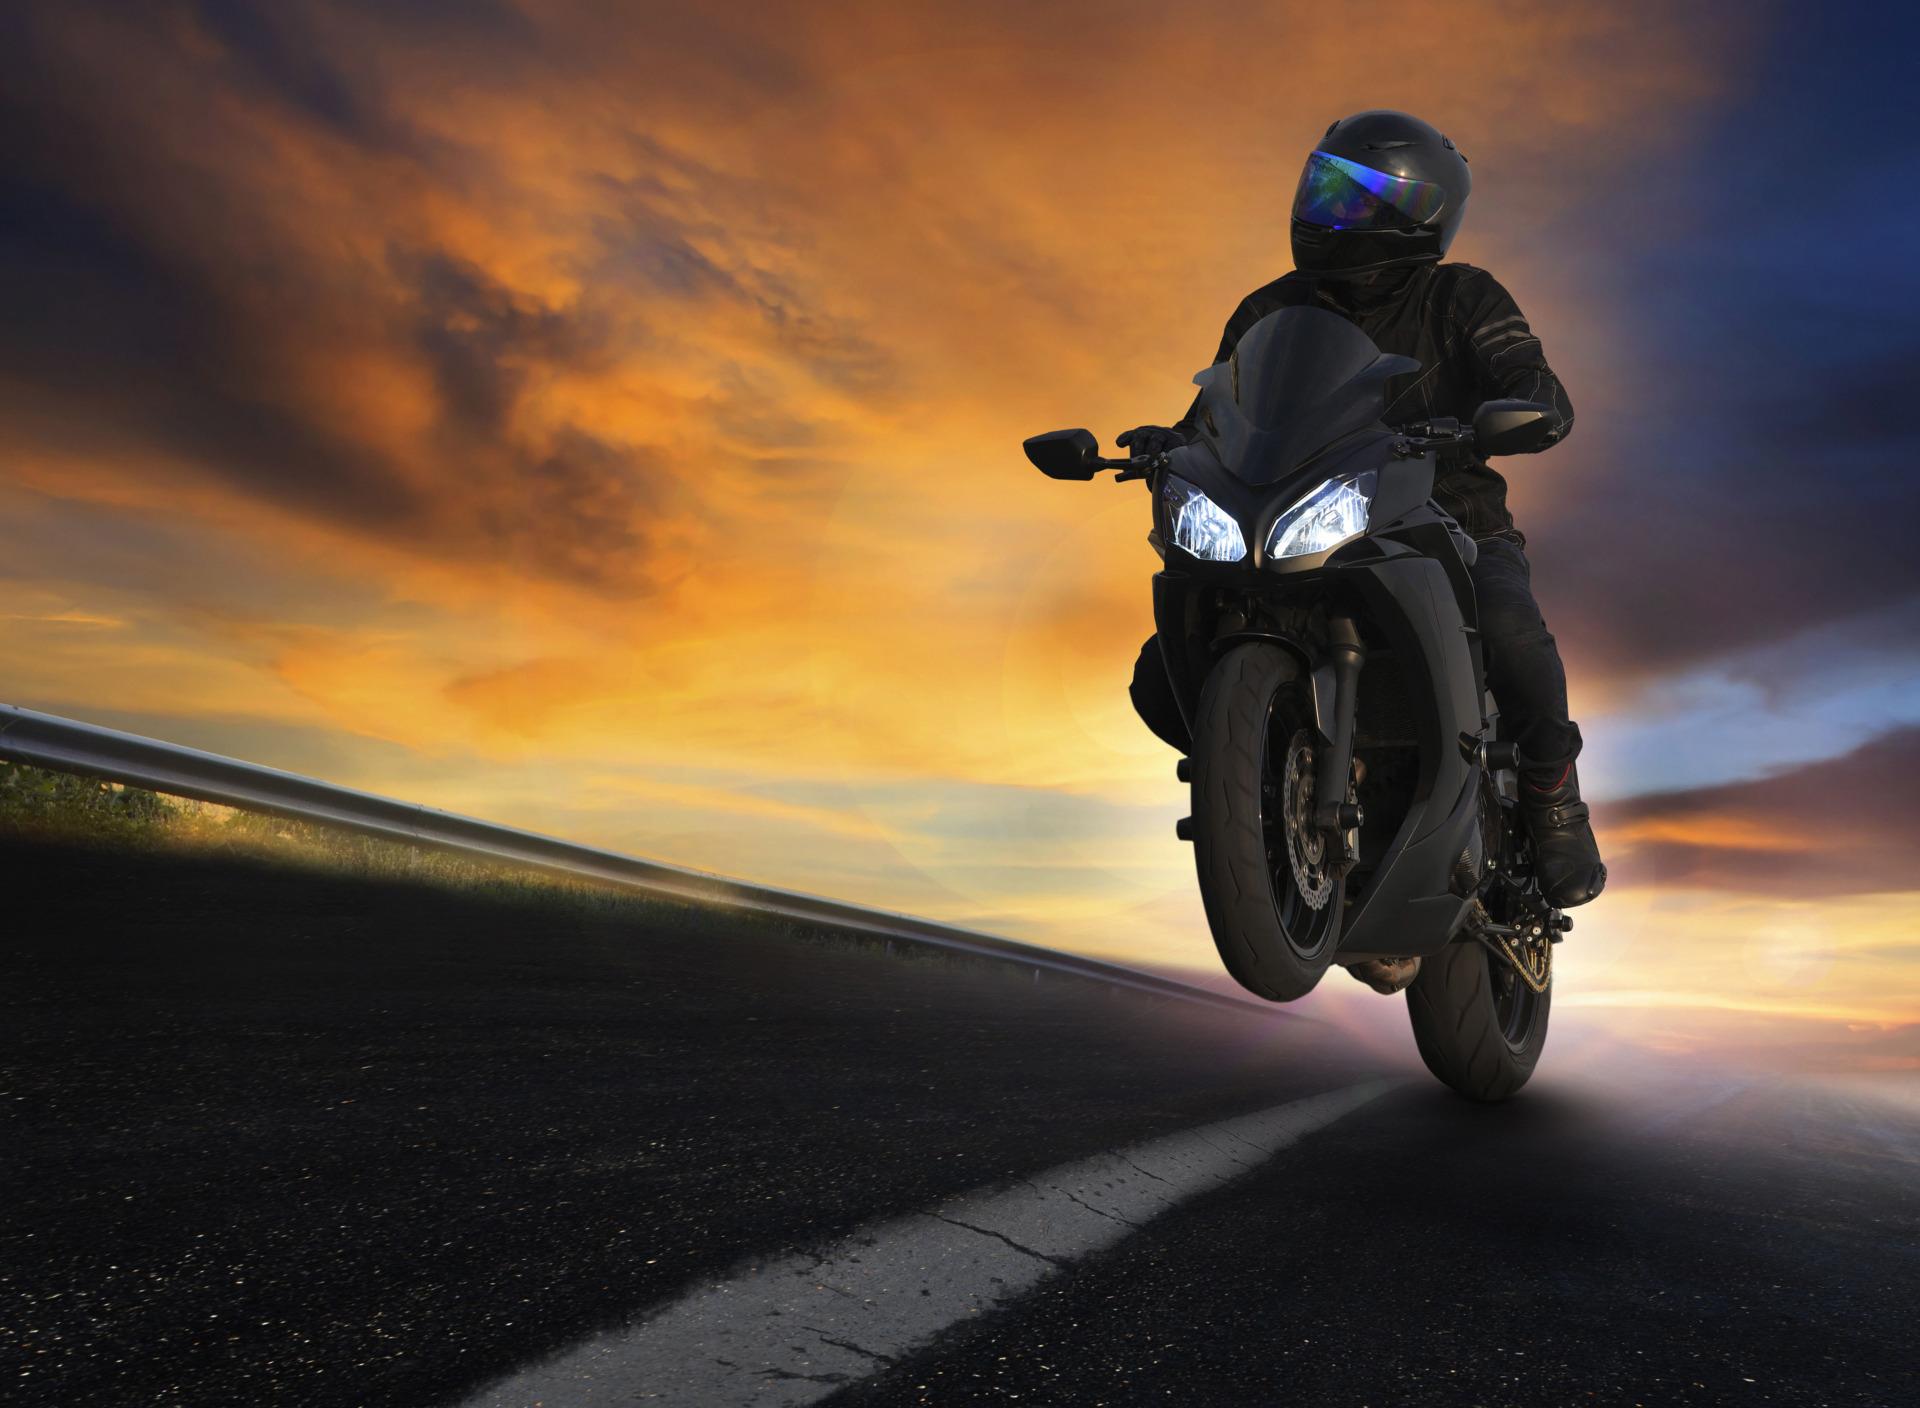 картинки мотоциклистов и закат мясного была